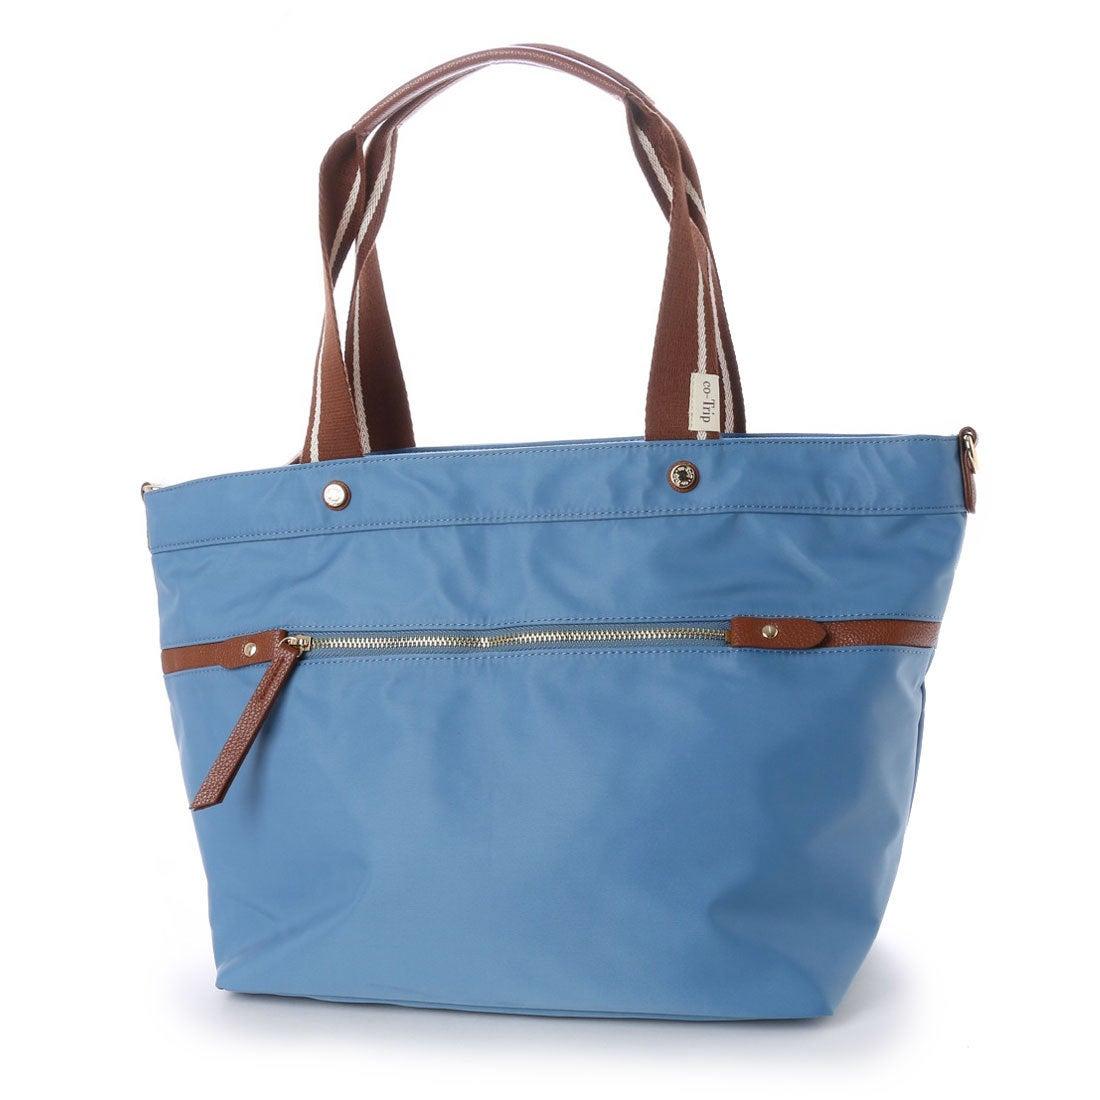 コトリップ ことりっぷ 軽量 普段使いから軽旅行まで ことりっぷ 大きめトートバッグ (ブルー) レディース